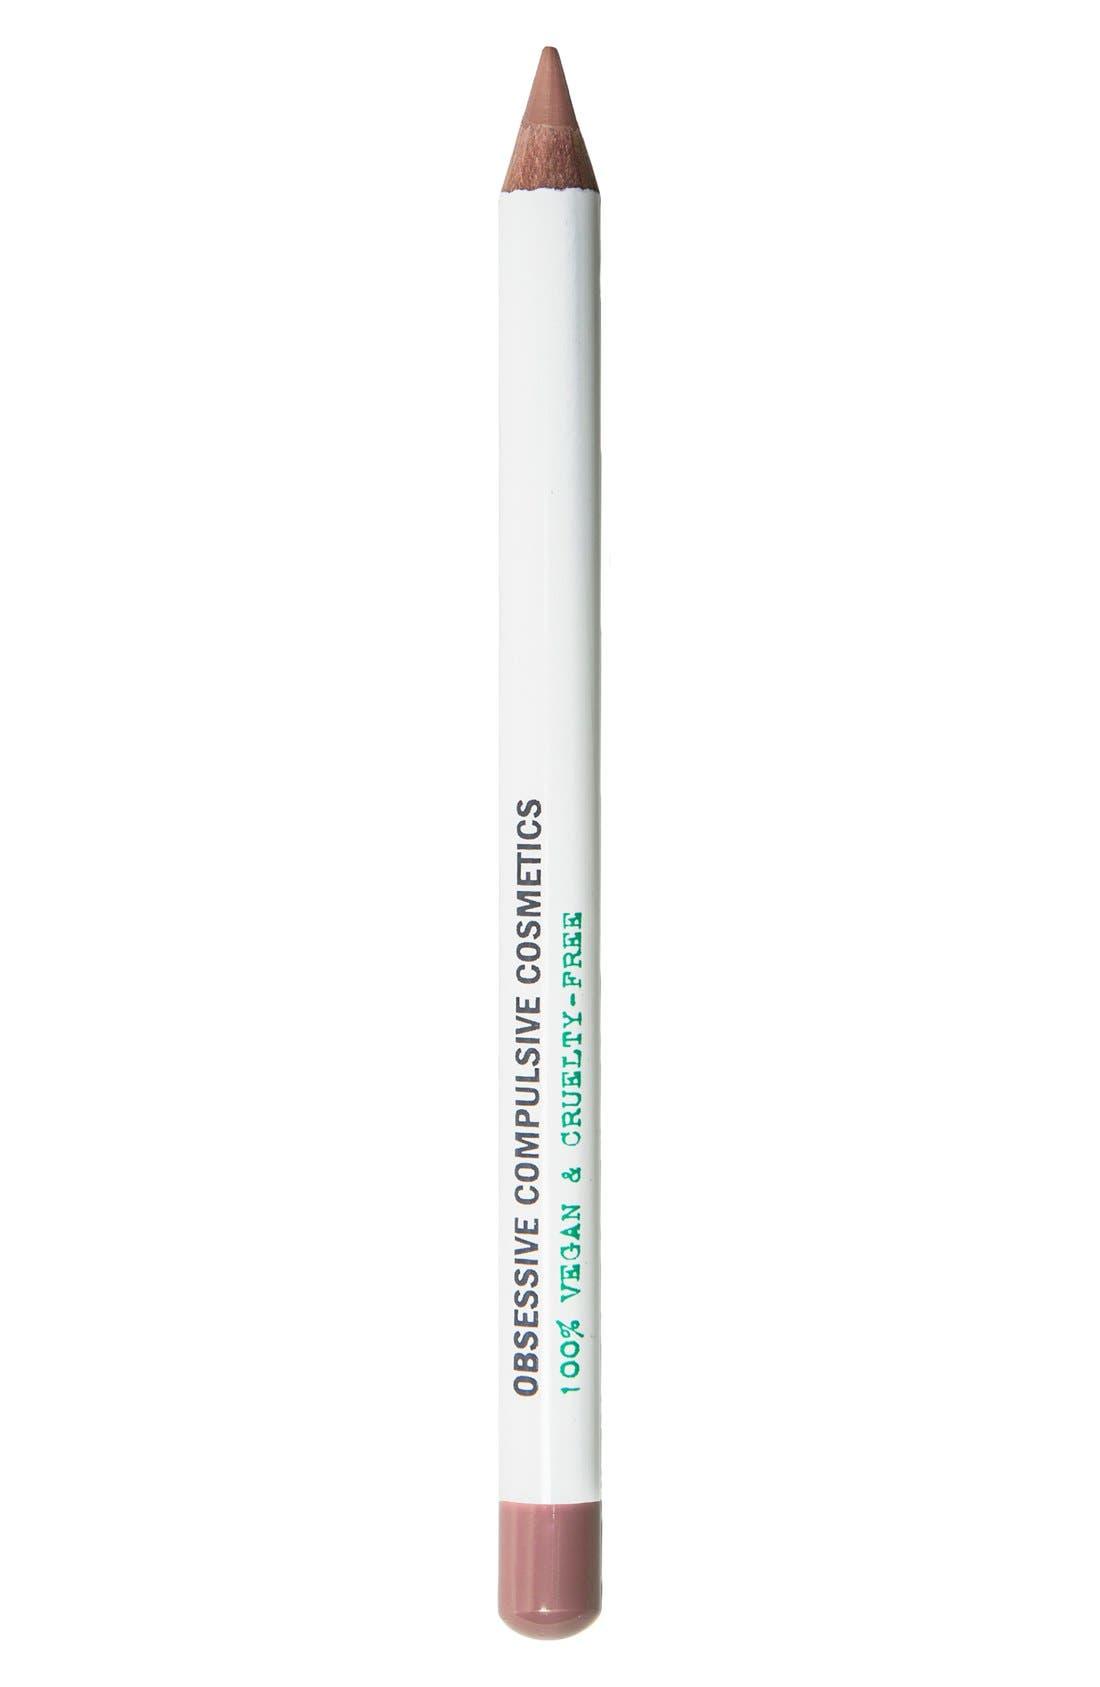 Obsessive Compulsive Cosmetics Colour Pencil